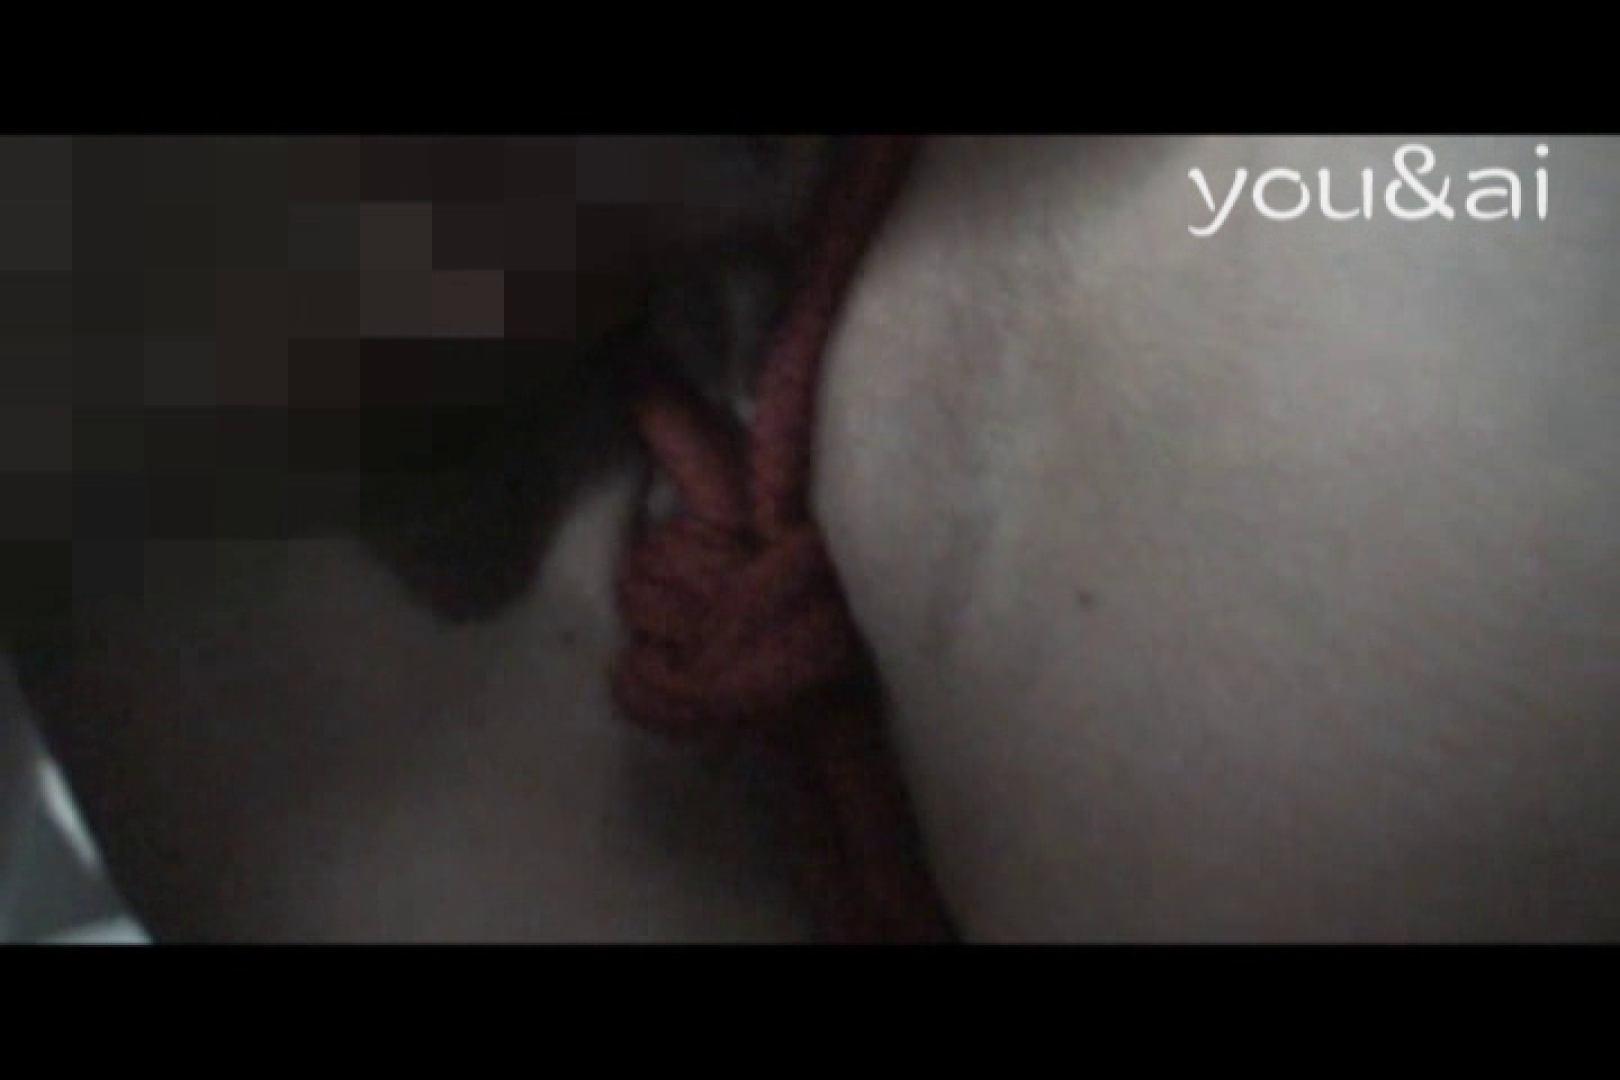 おしどり夫婦のyou&aiさん投稿作品vol.4 野外 AV動画キャプチャ 53連発 11